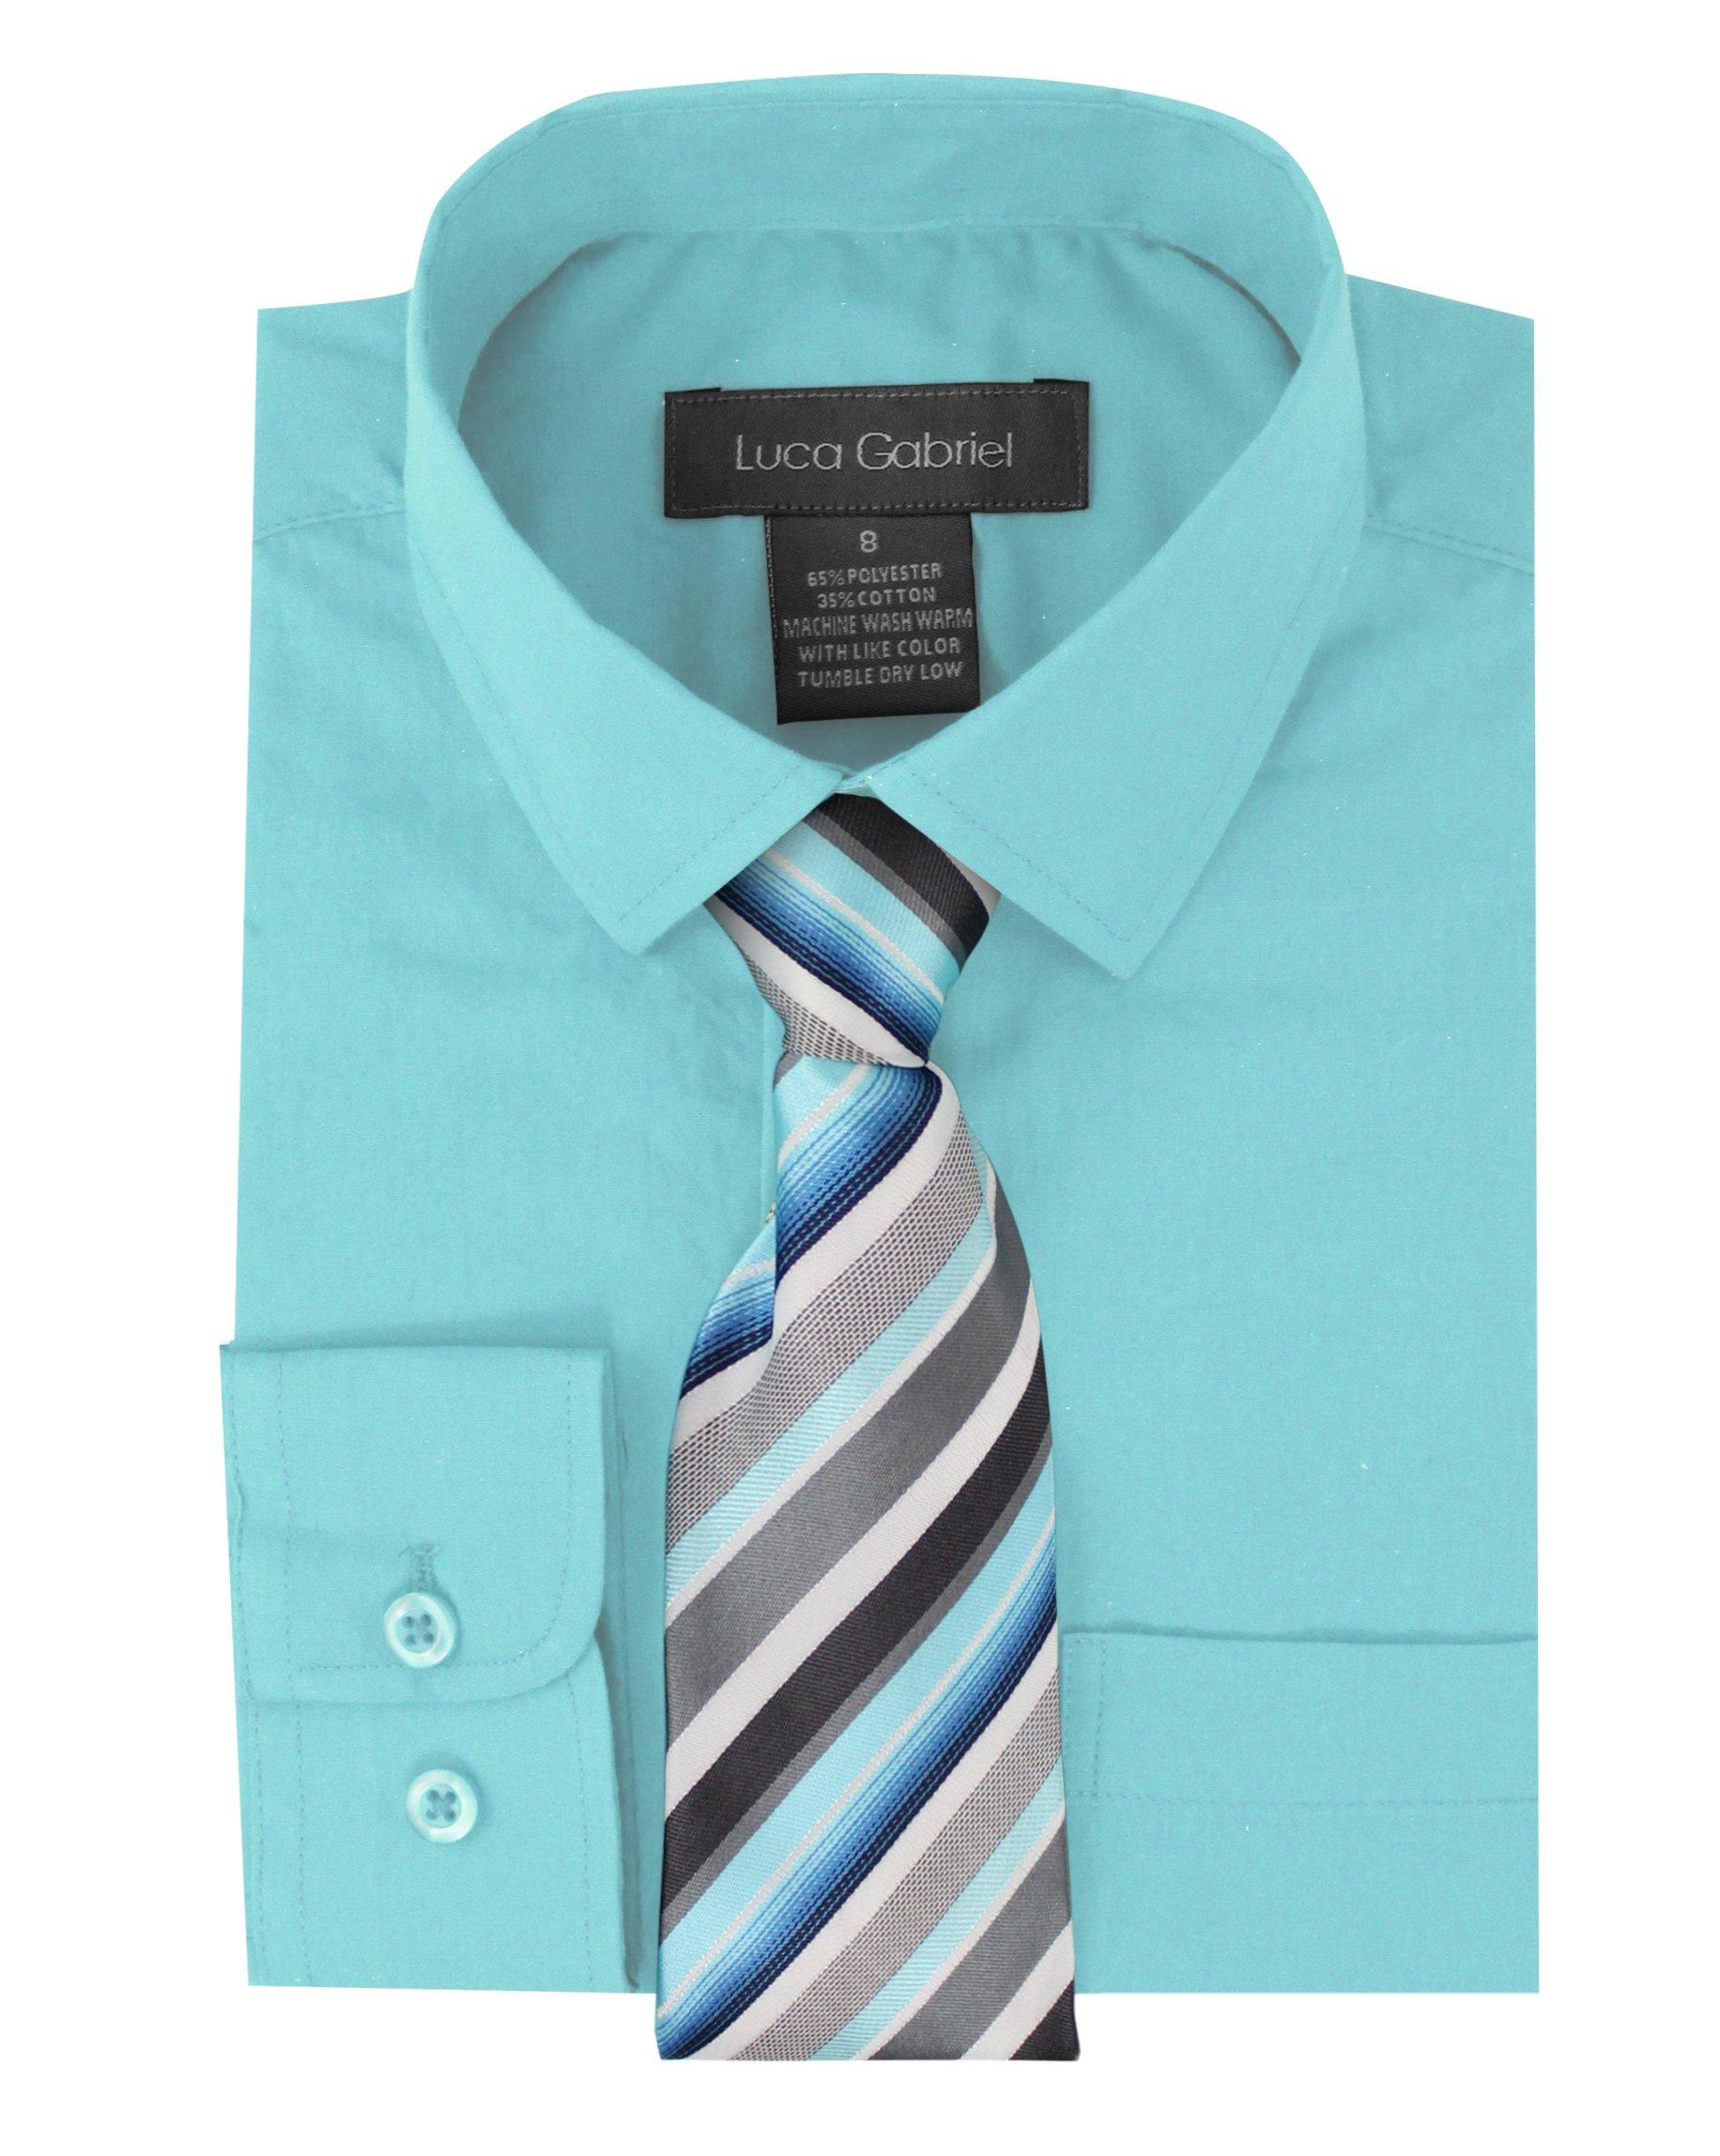 Luca Gabriel Toddler Boy's Long Sleeve Formal Button Down Dress Shirt & Tie Set - Aqua 2t